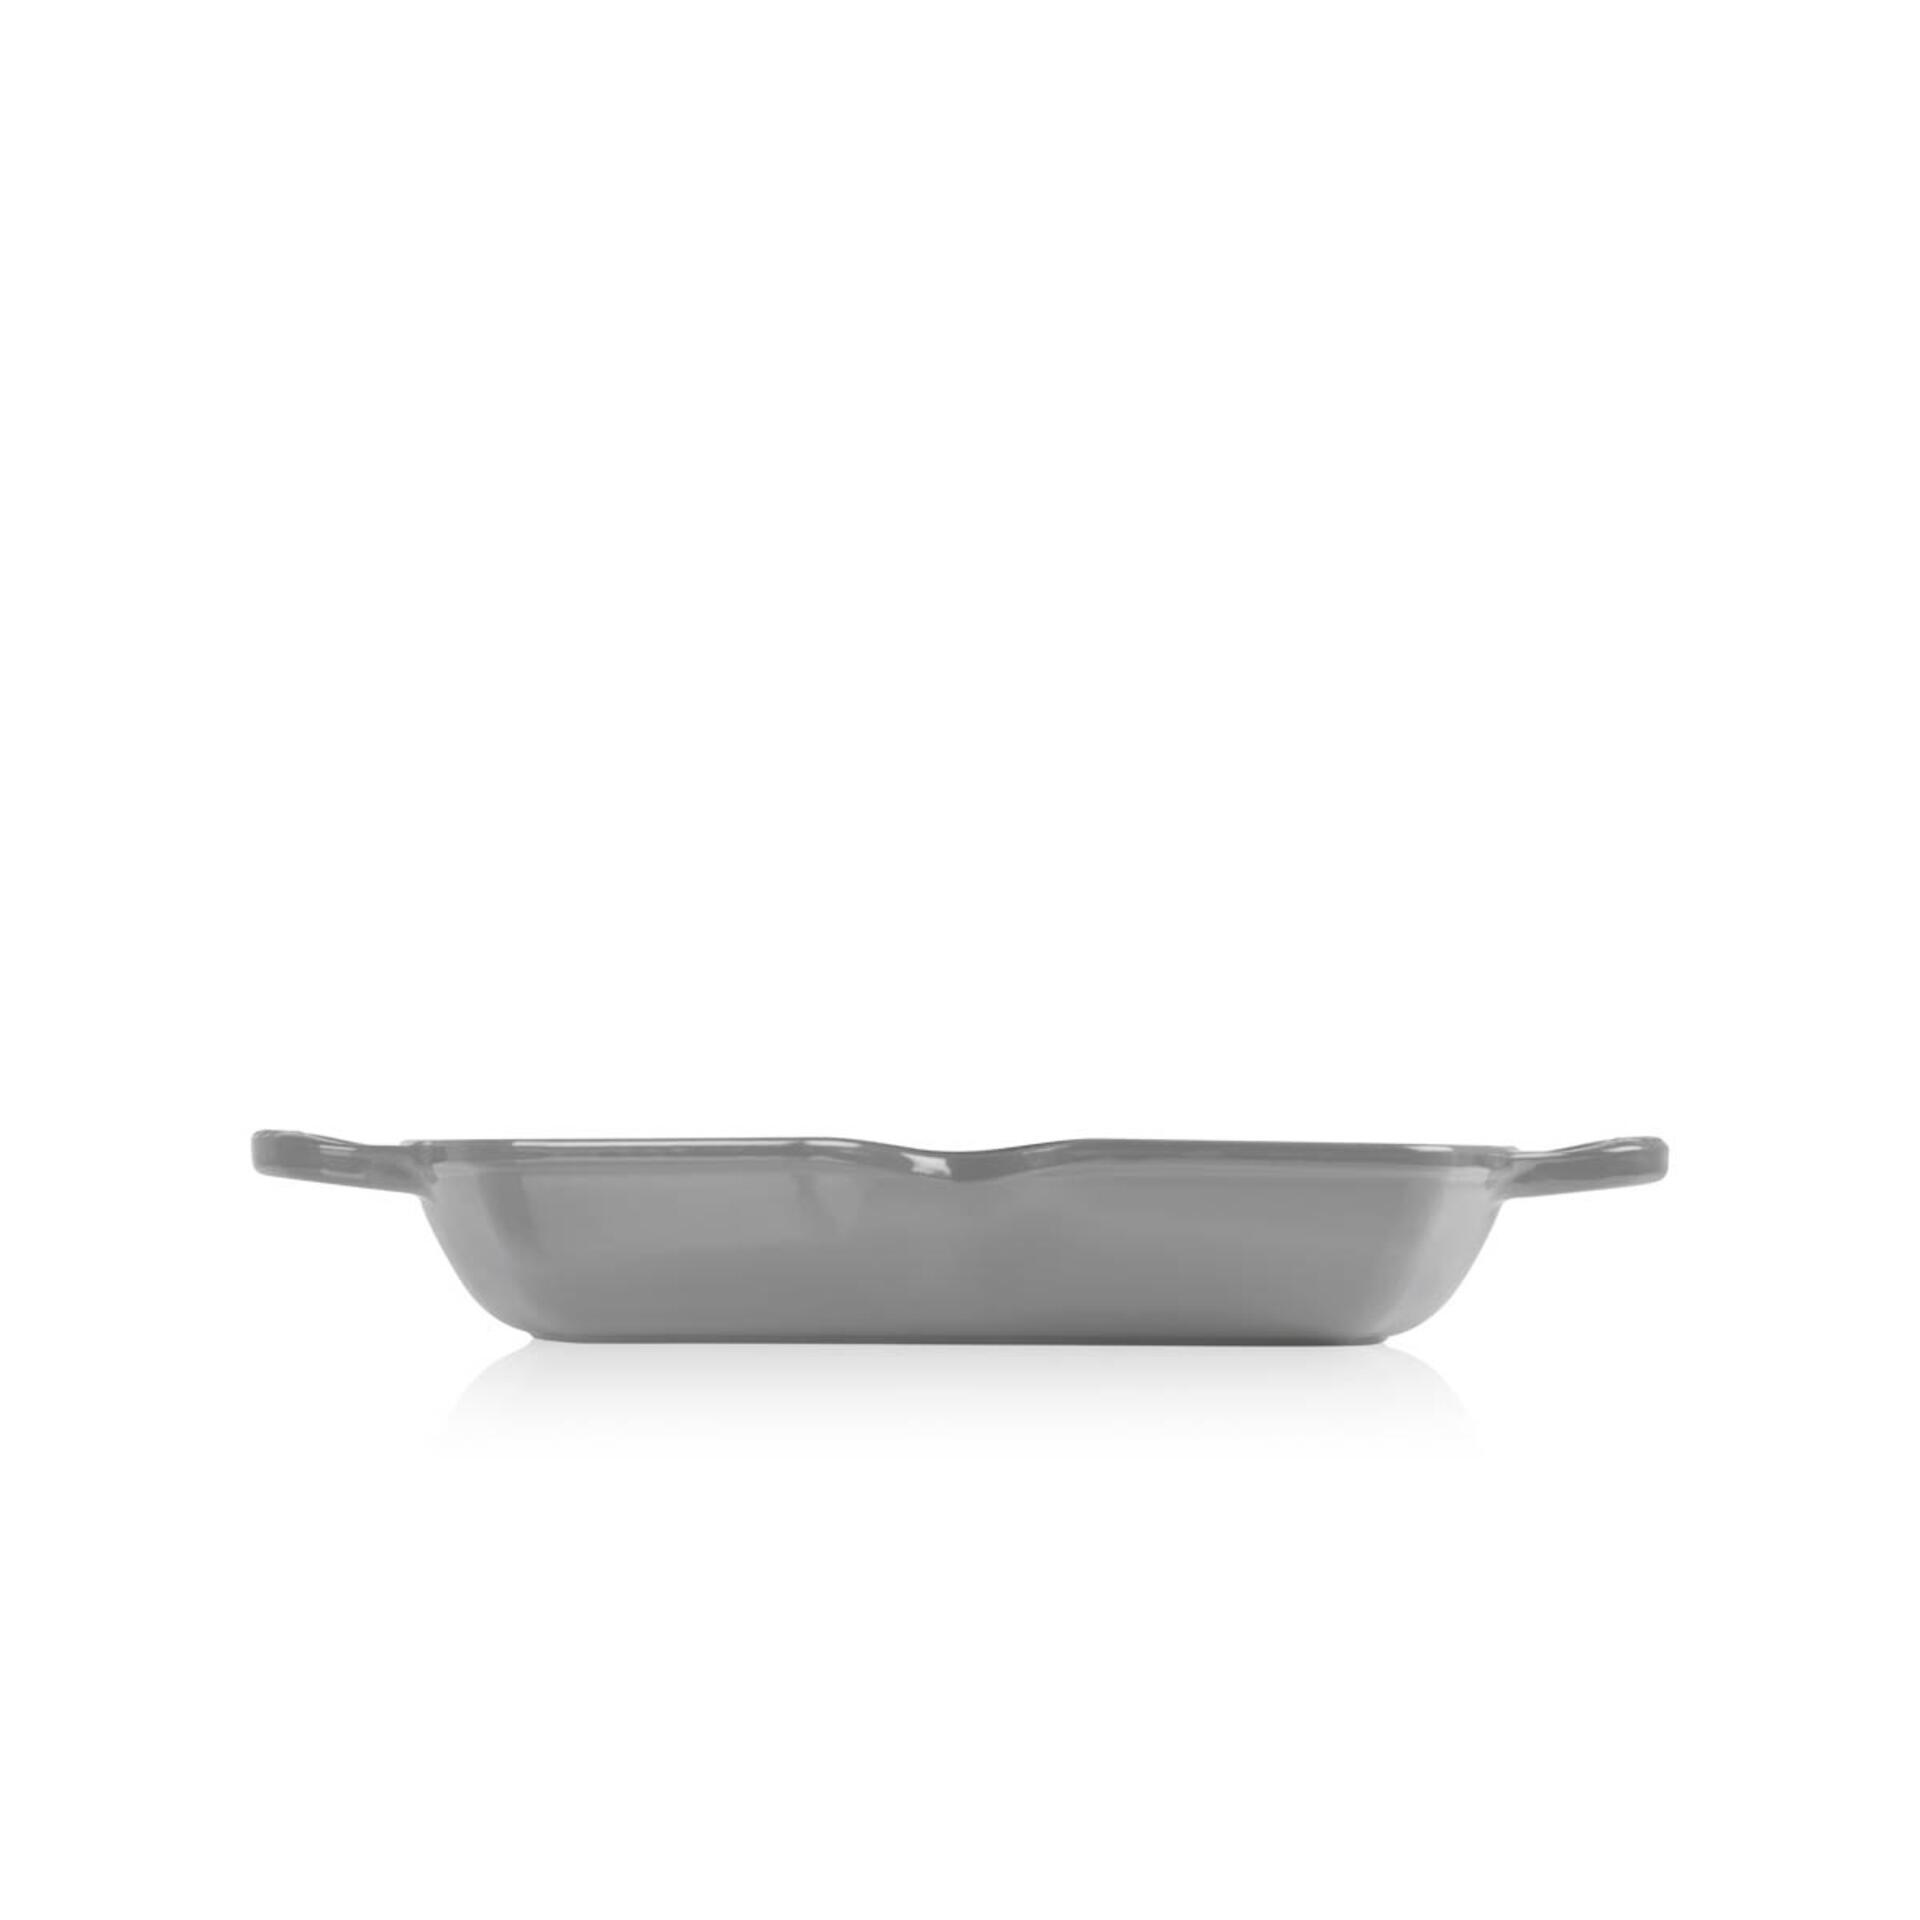 Le Creuset Grillpfanne Signature Quadratisch Hoch 30 cm Perlgrau